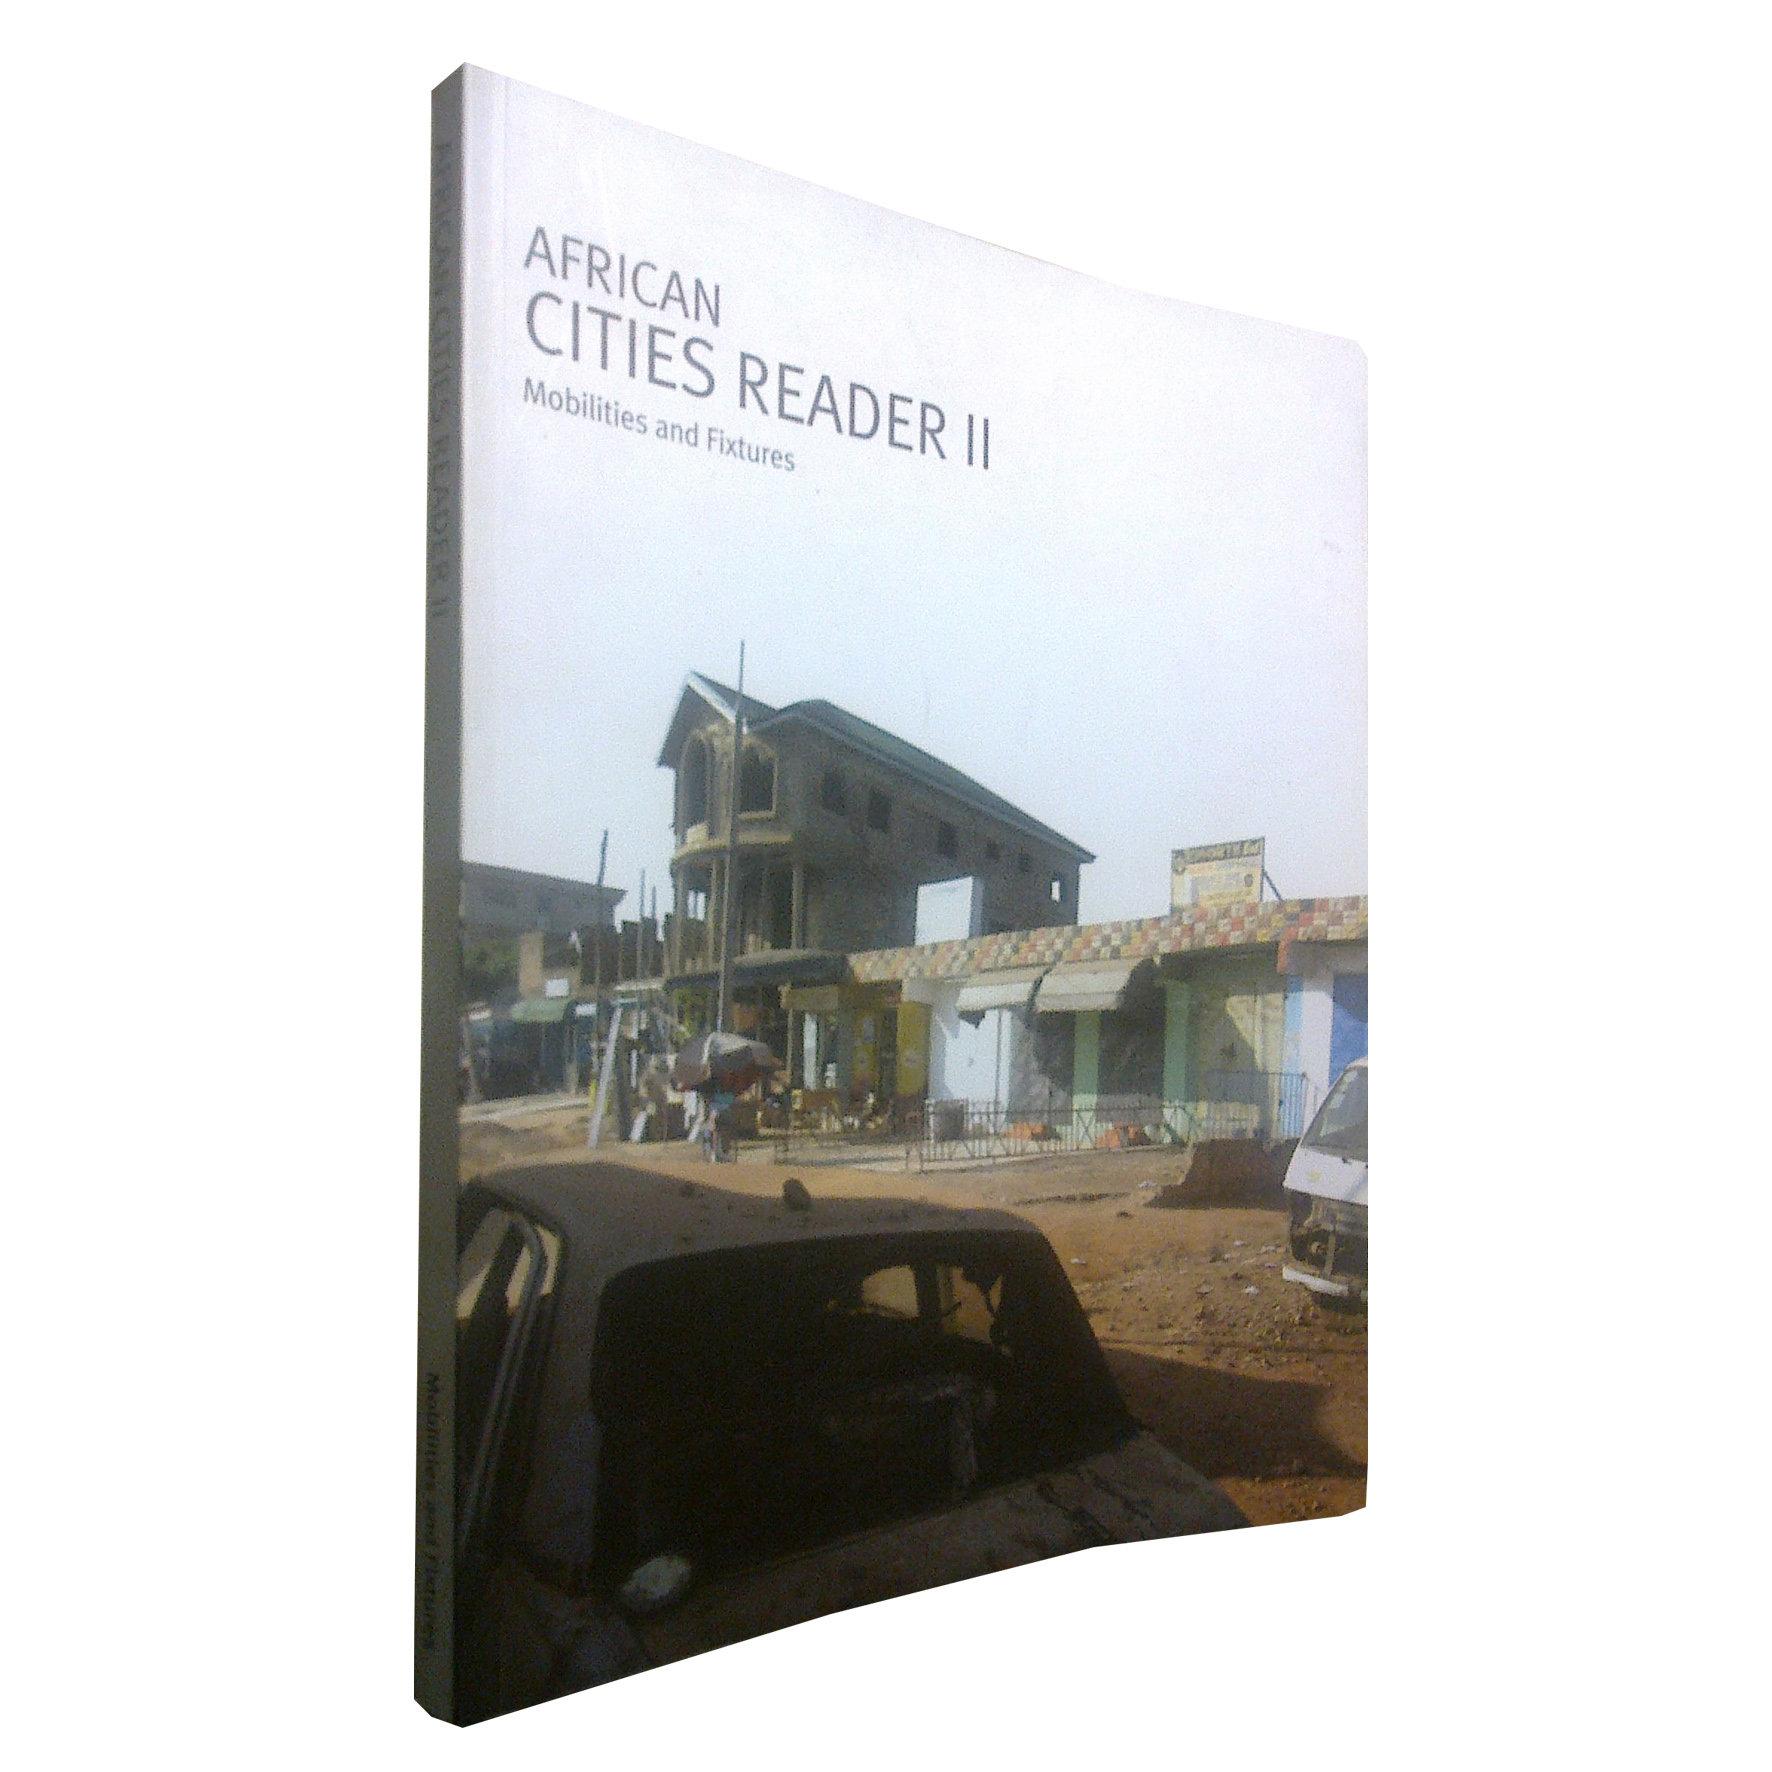 African Cities Reader 2: Mobilities & Fixtures (May 2011) ACR2